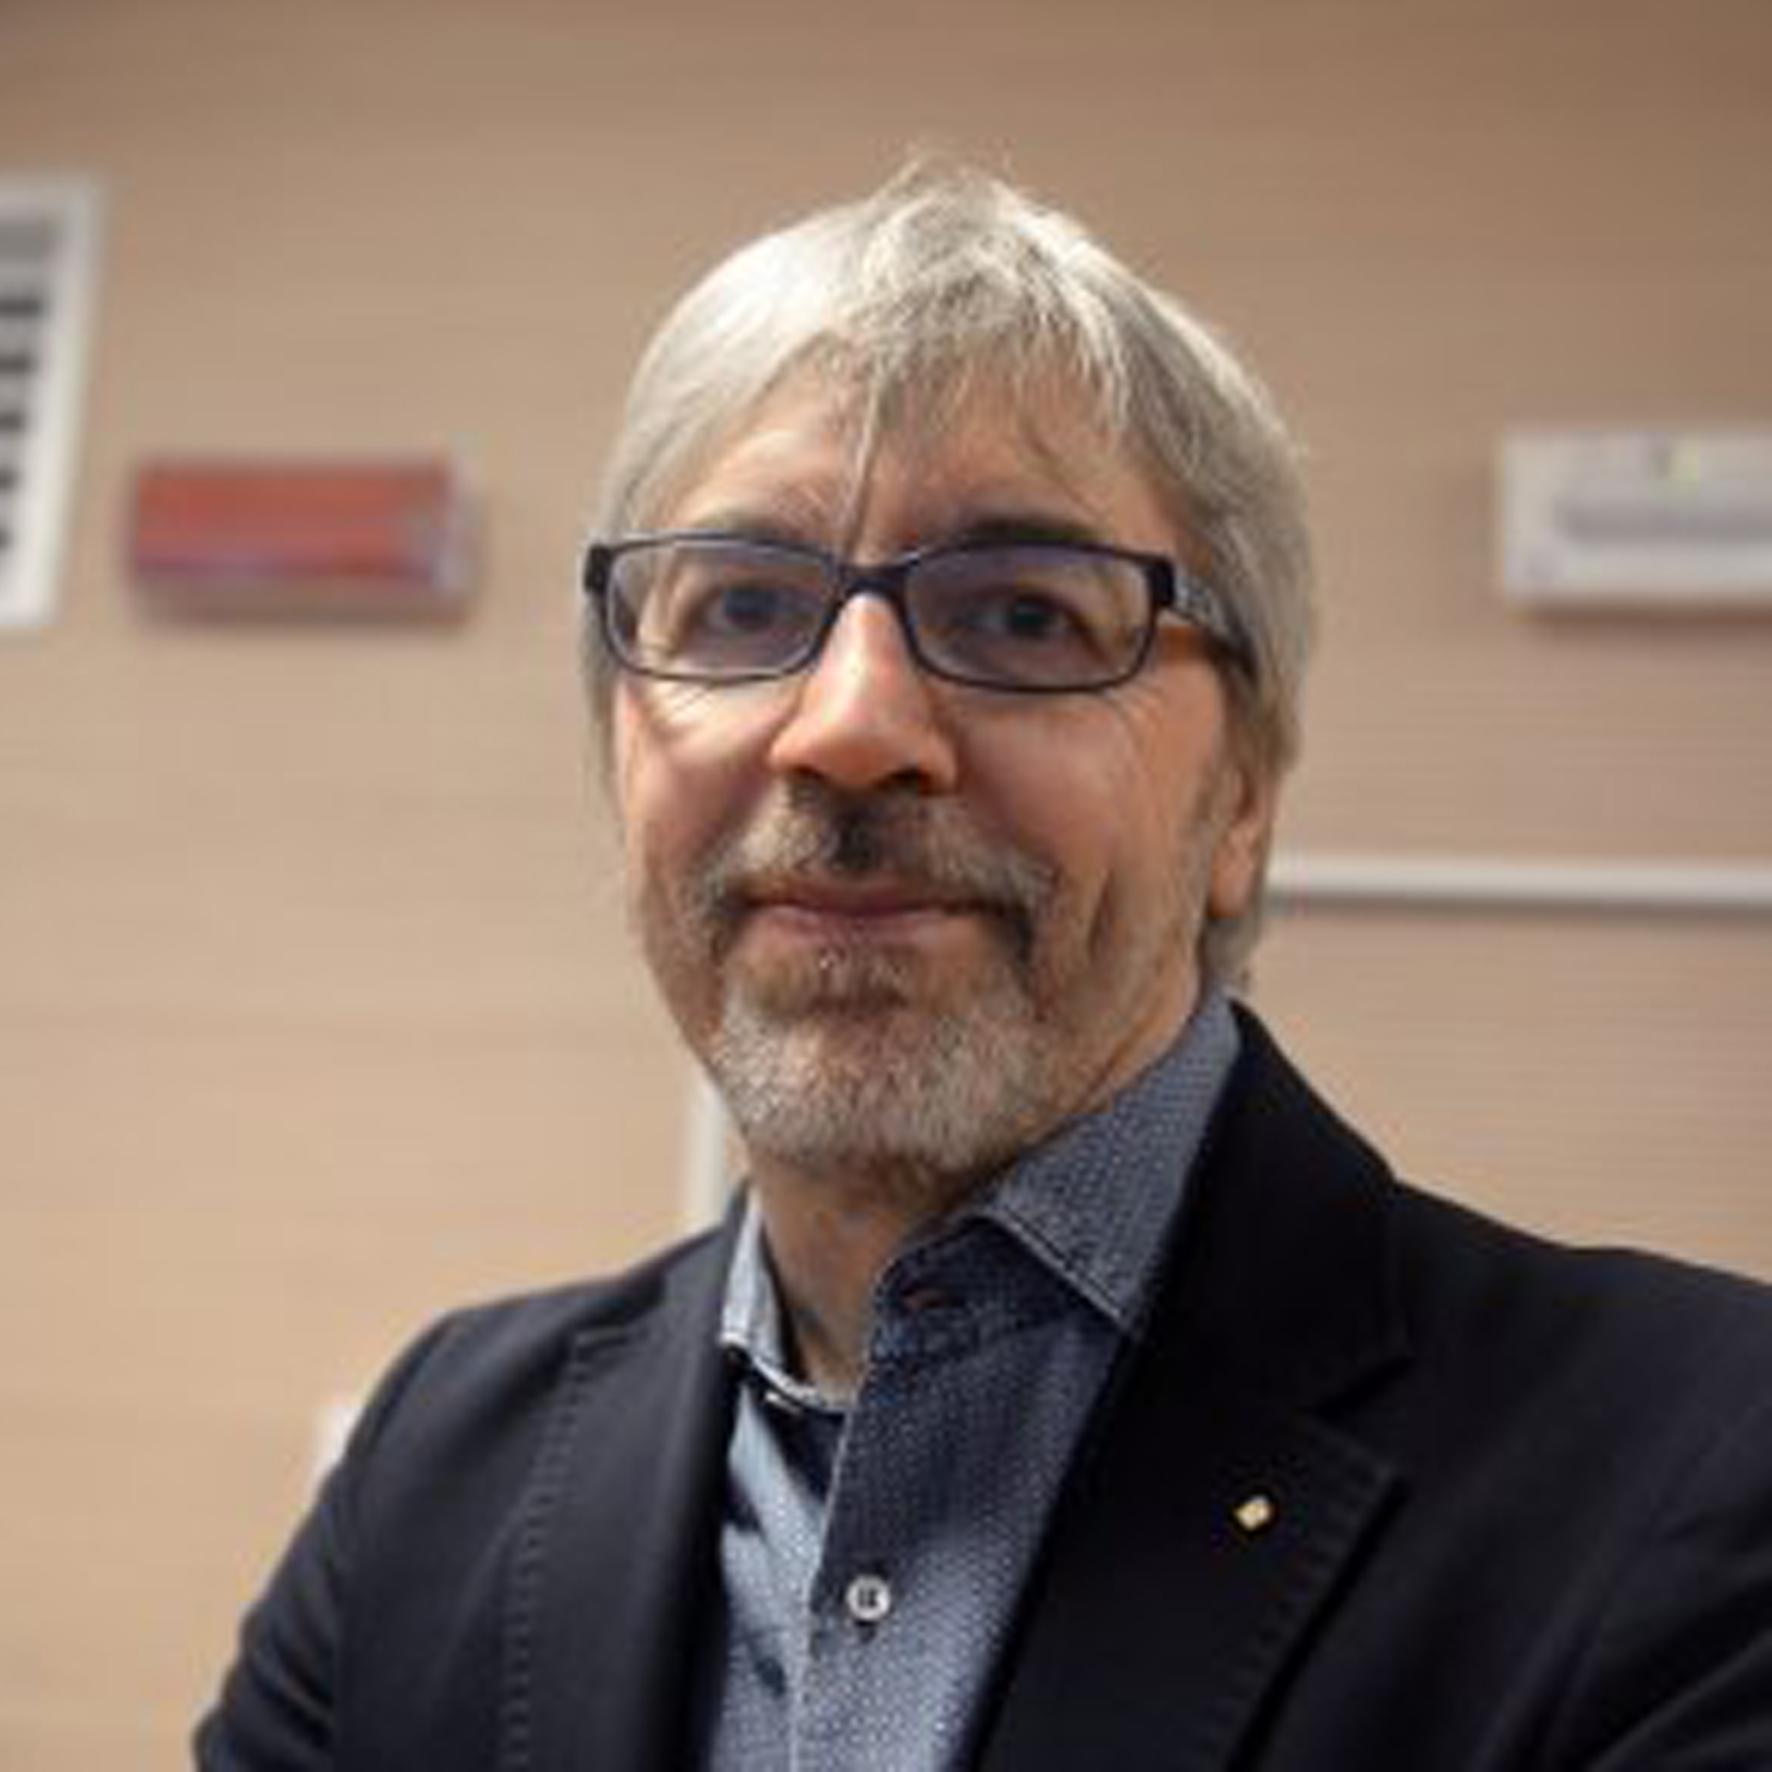 Fausto Colombo